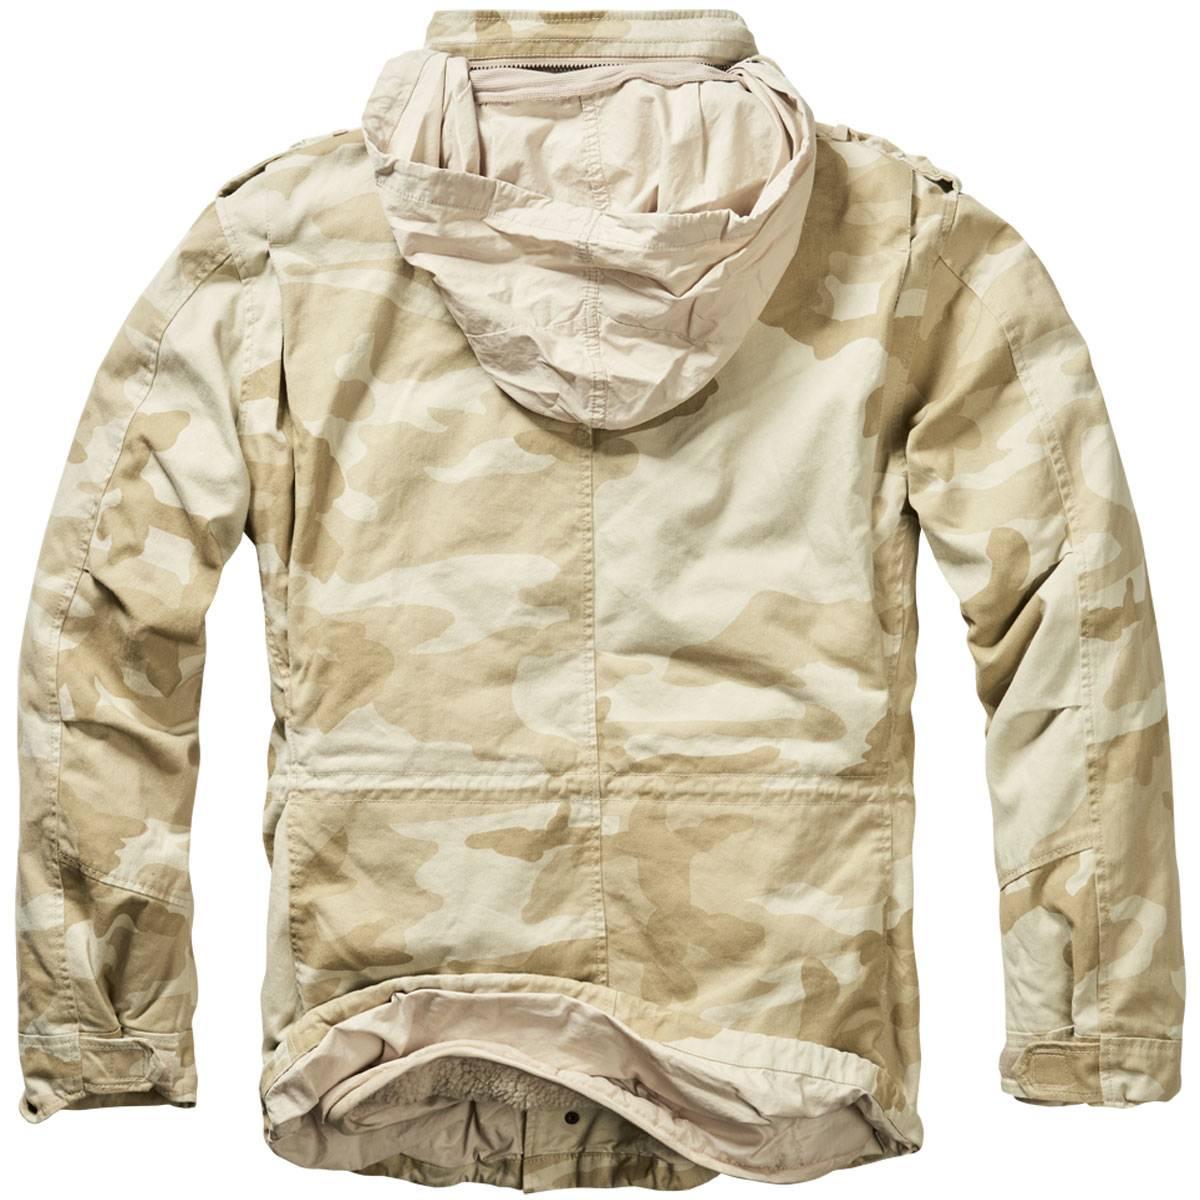 BRANDIT M65 Giant Jacke desertstorm - Der große Bundeswehr Shop, Army,  84,90 € c03e10d78d